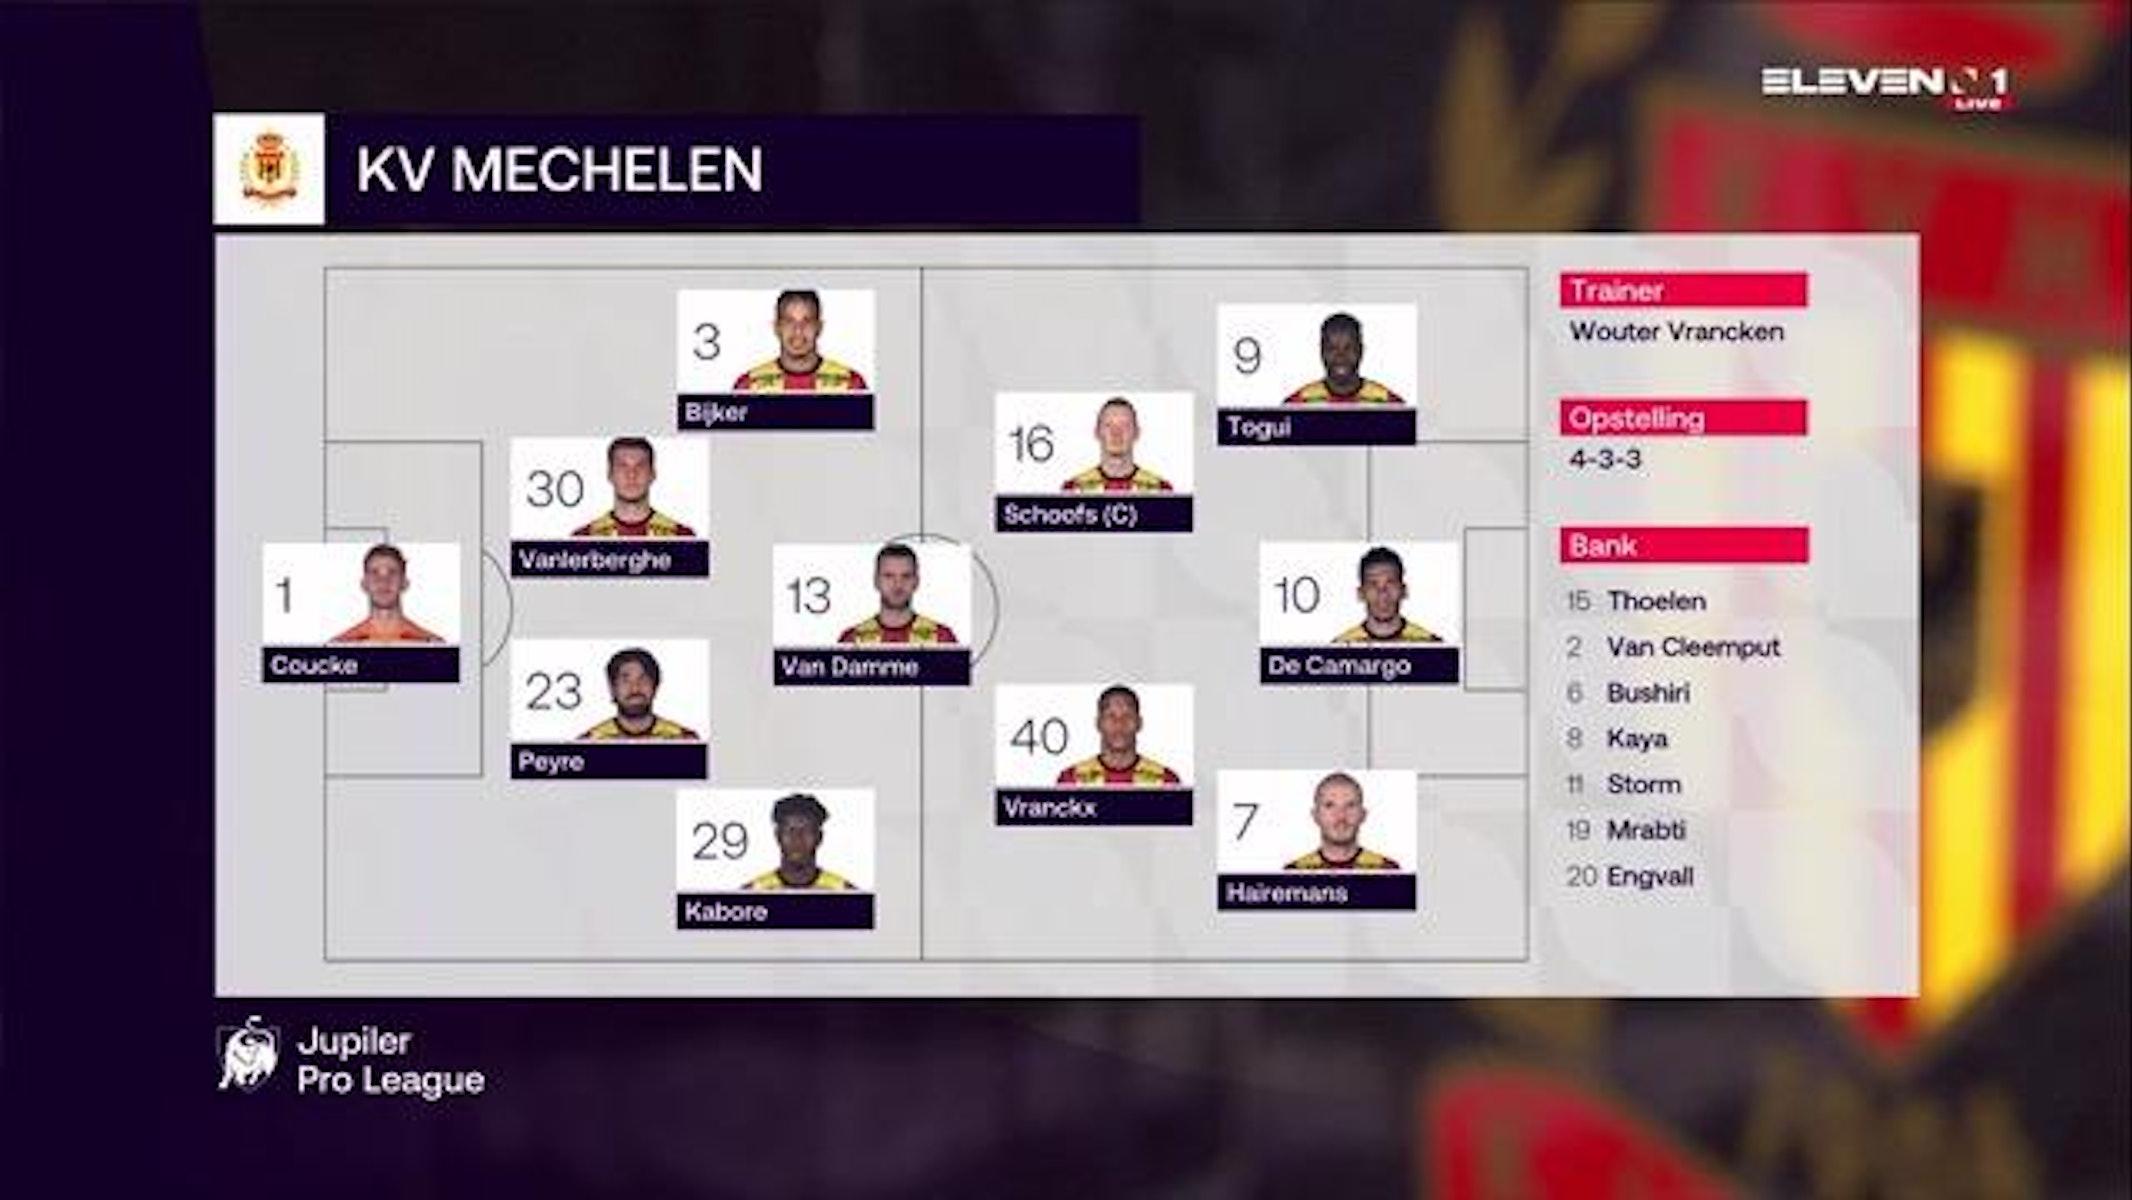 Samenvatting KV Mechelen vs. KV Oostende